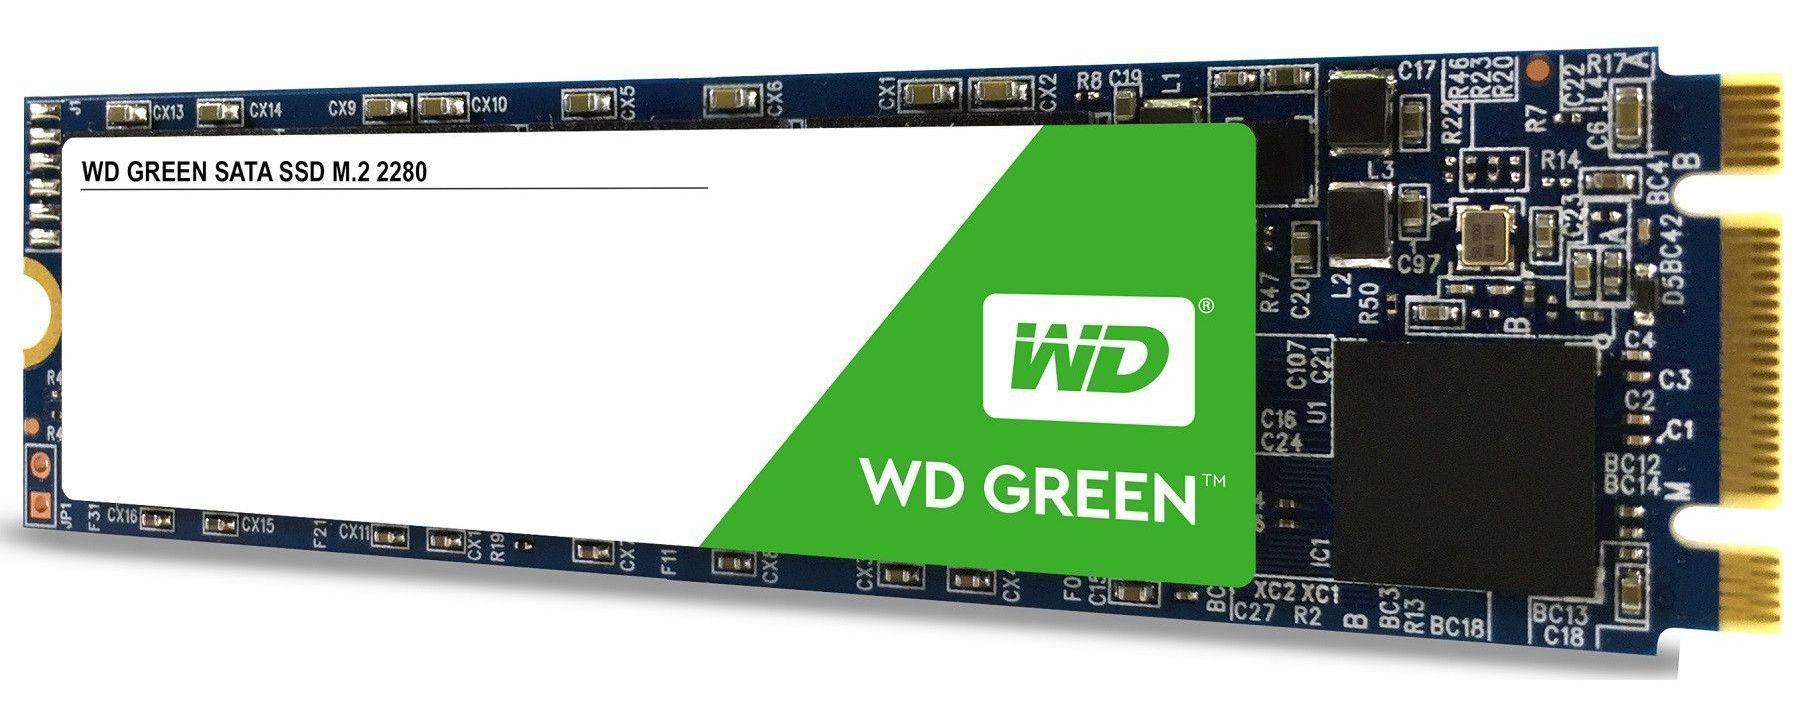 SSD WD Green (M.2, 240GB, SATA III 6 Gb/s) - 1